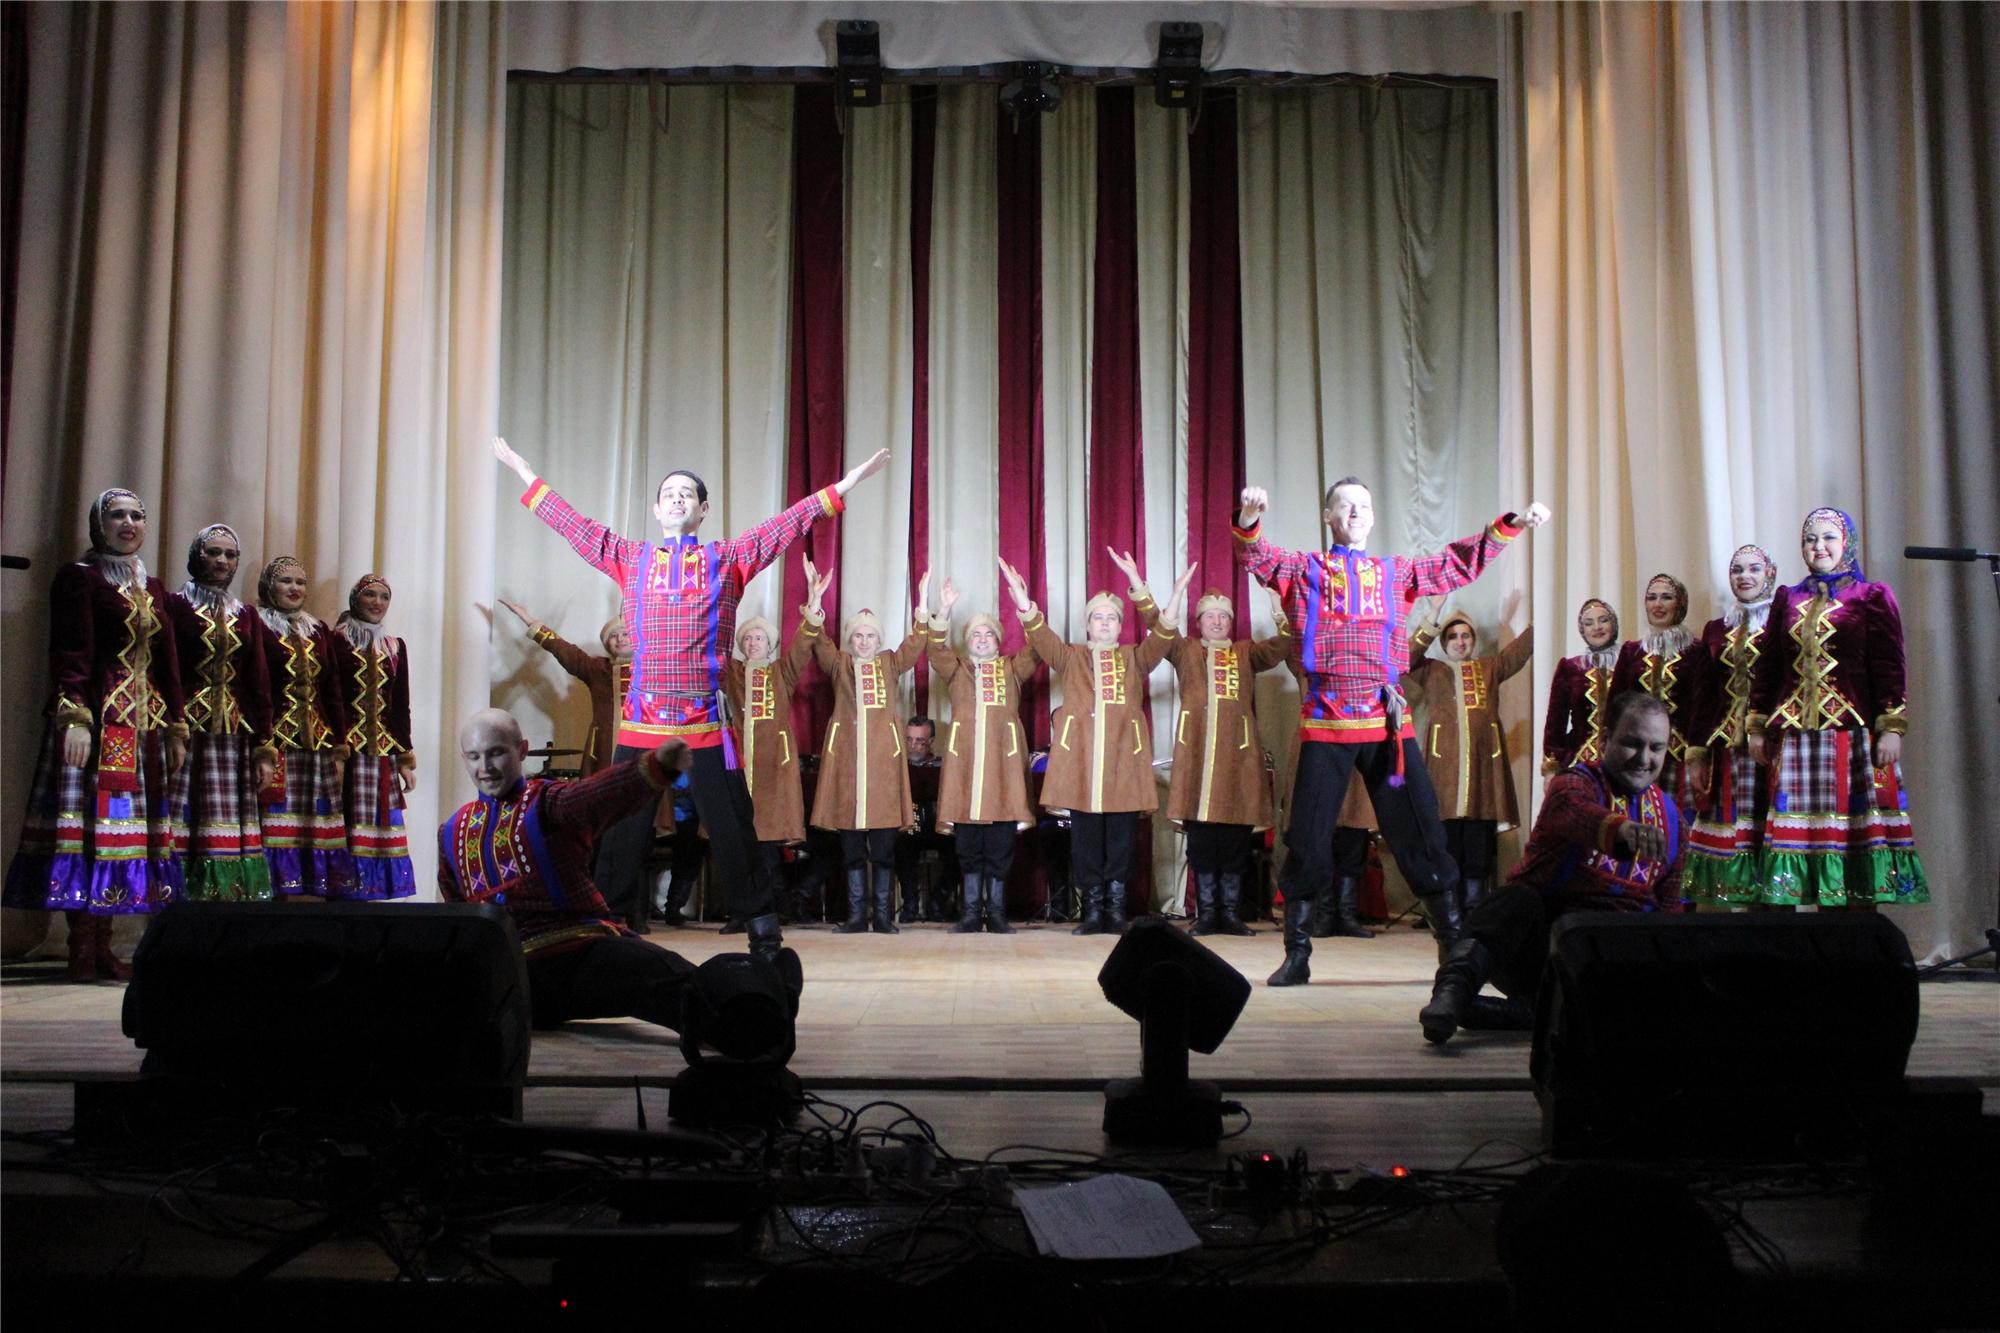 Чувашский государственный академический ансамбль песни и танца порадовал жителей Порецкого района концертом в рамках акции «Сурпан Перле»